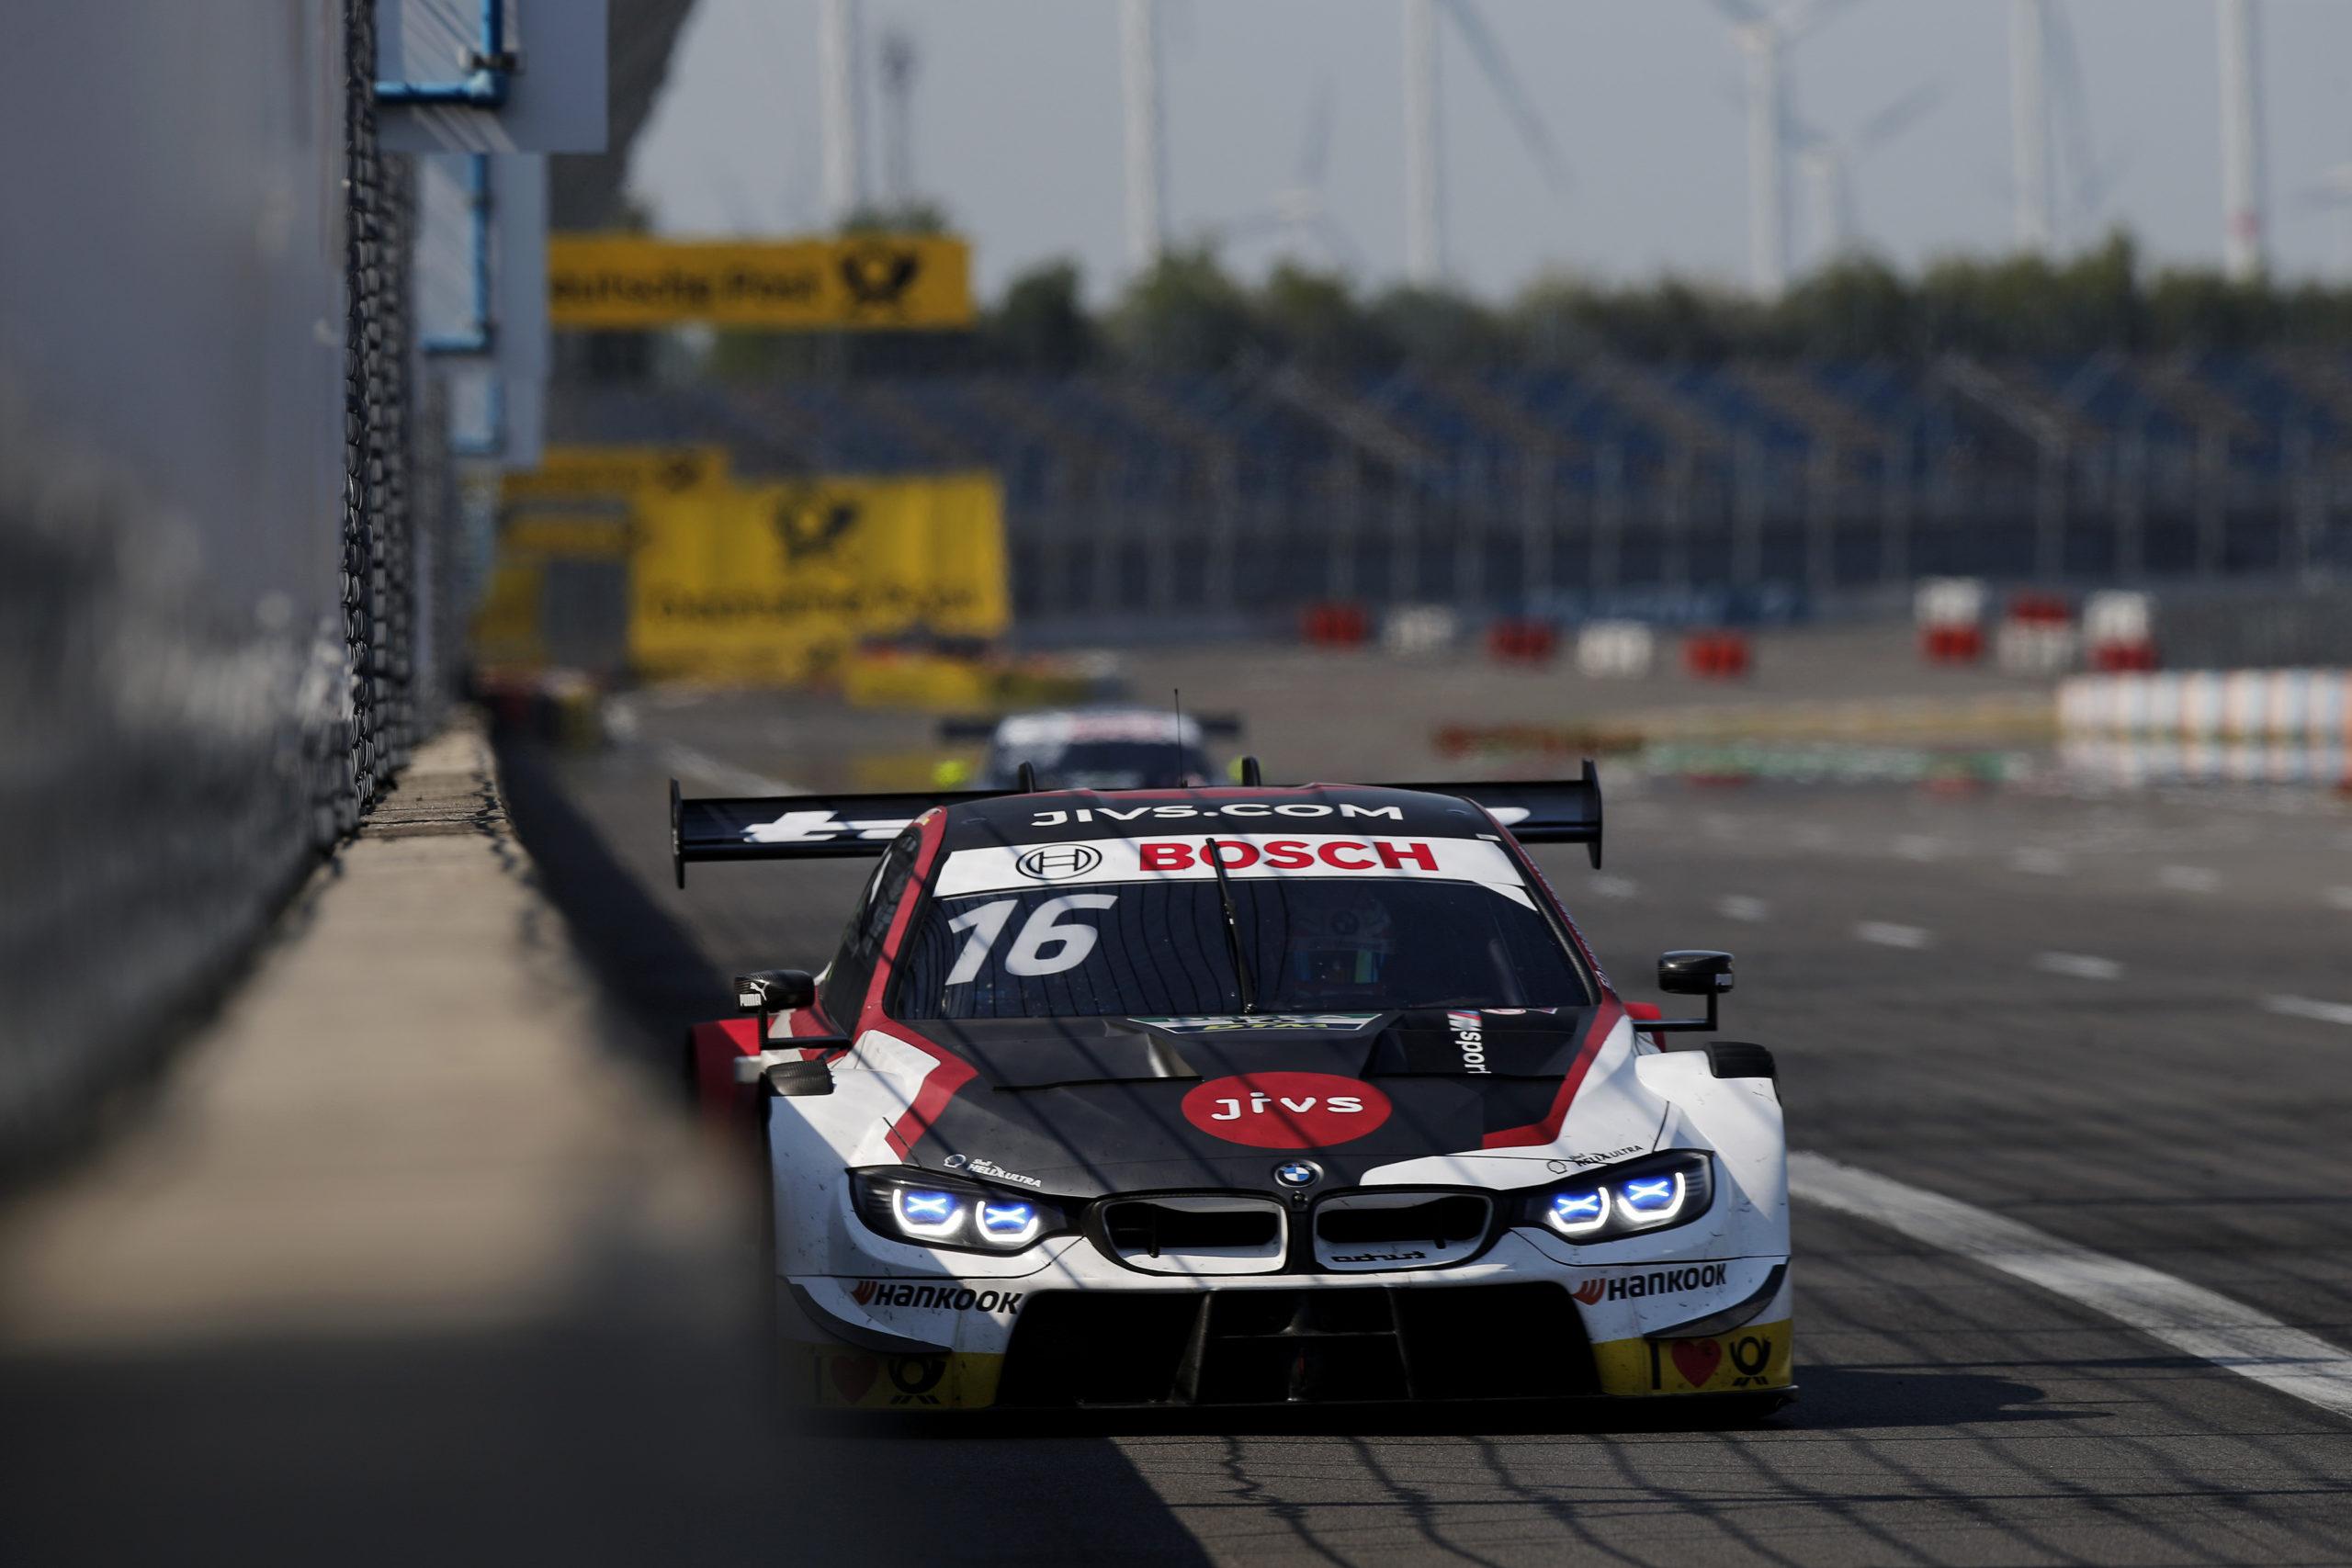 El DTM presenta su nuevo calendario para 2020 con predominio belga-alemán